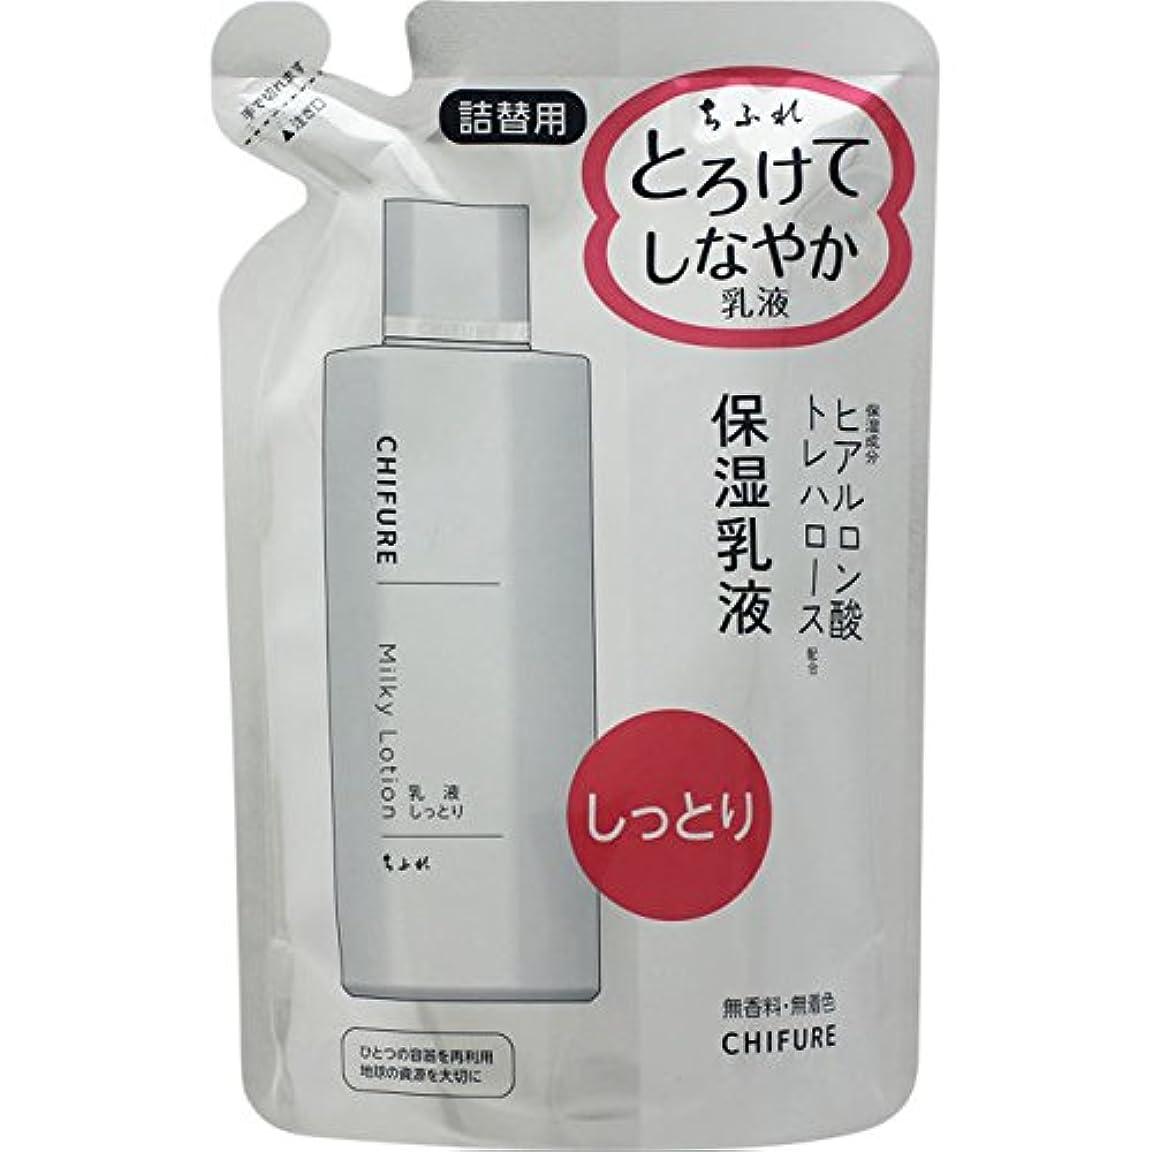 薄汚い。弱いちふれ化粧品 乳液しっとりタイプN詰替用 150ml 150ML